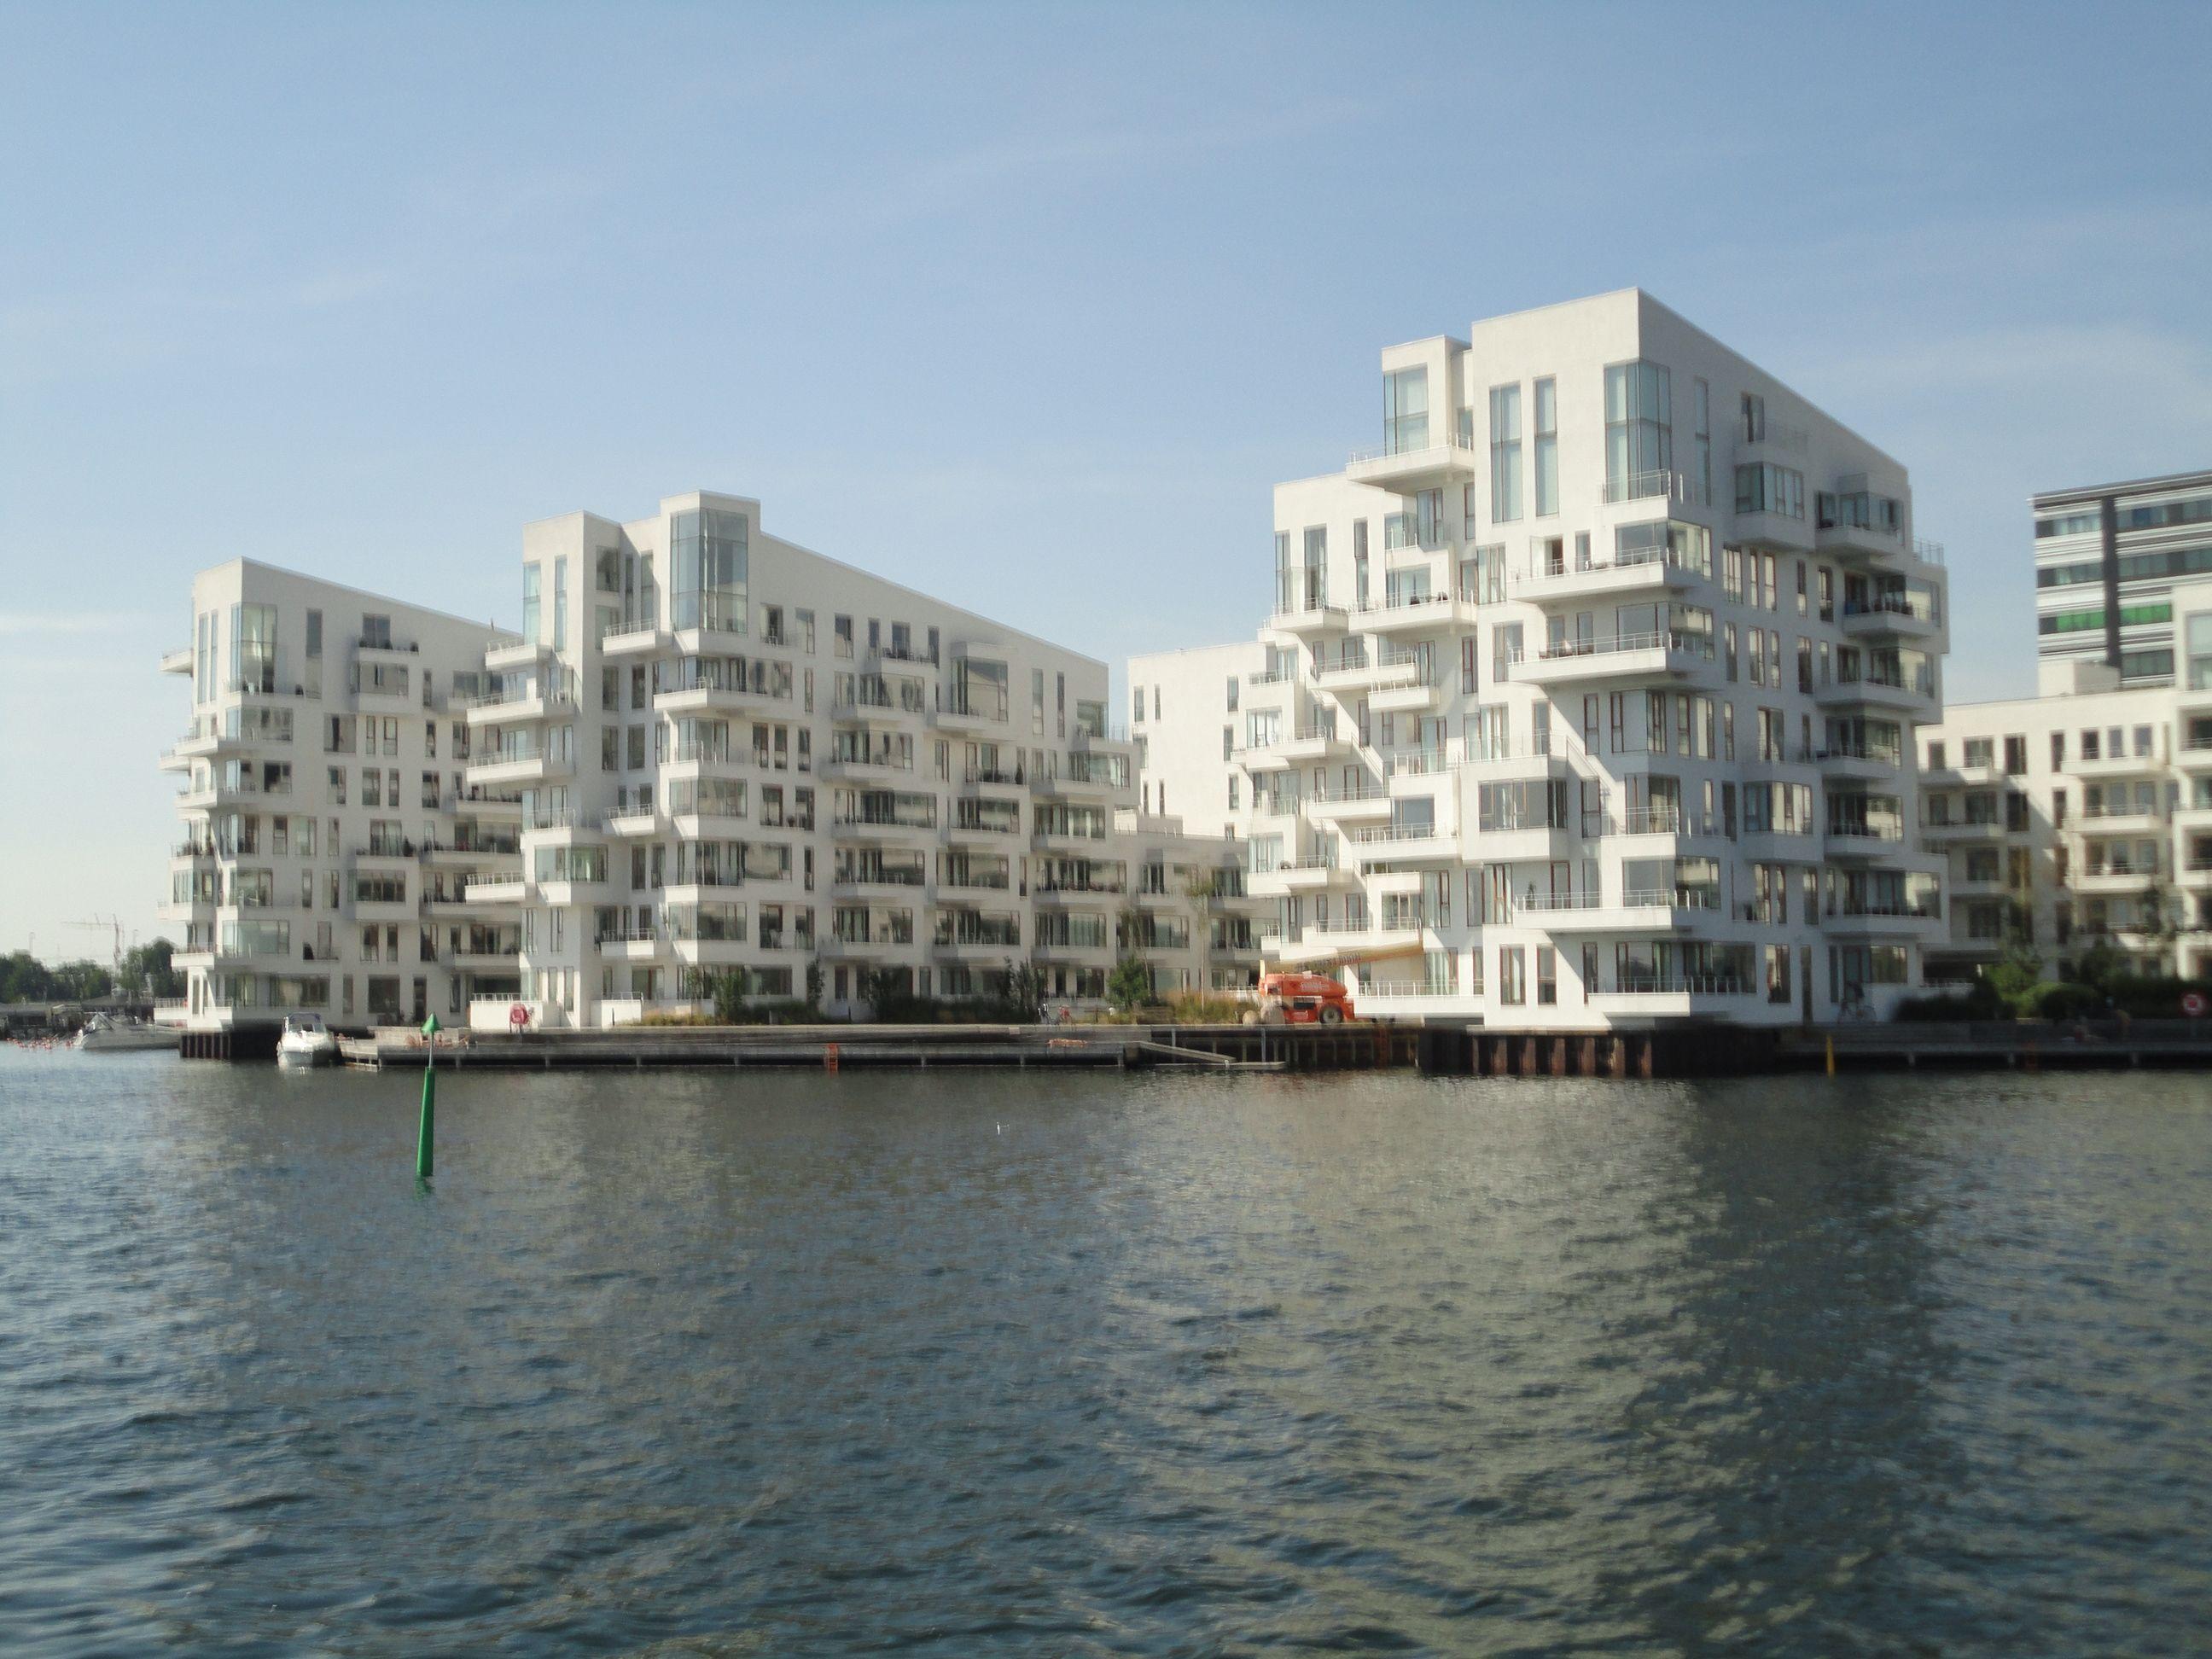 architektur in kopenhagen architektur pinterest kopenhagen und architektur. Black Bedroom Furniture Sets. Home Design Ideas